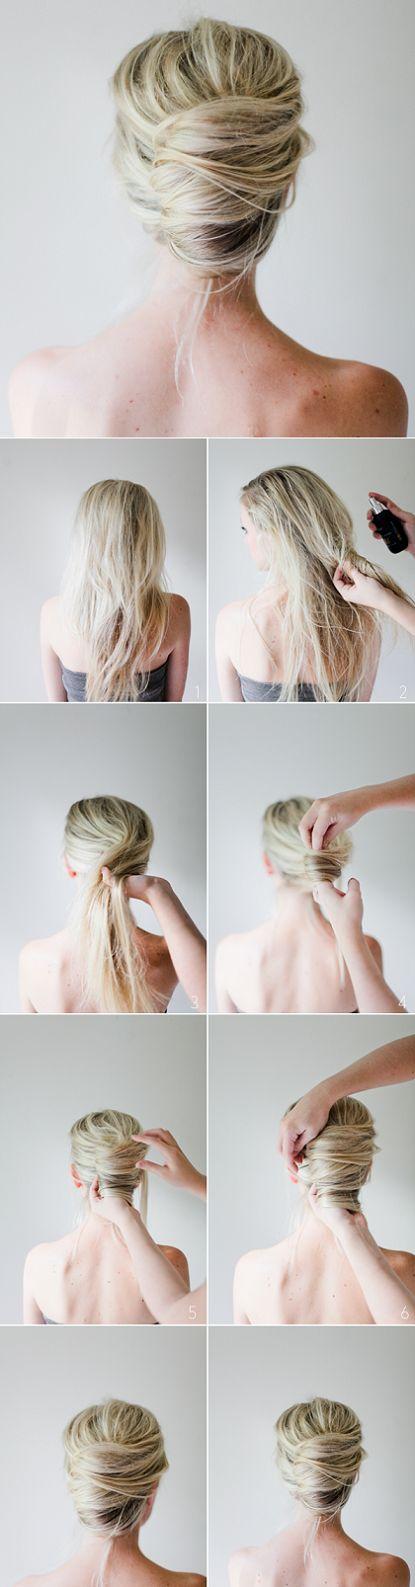 lange haren